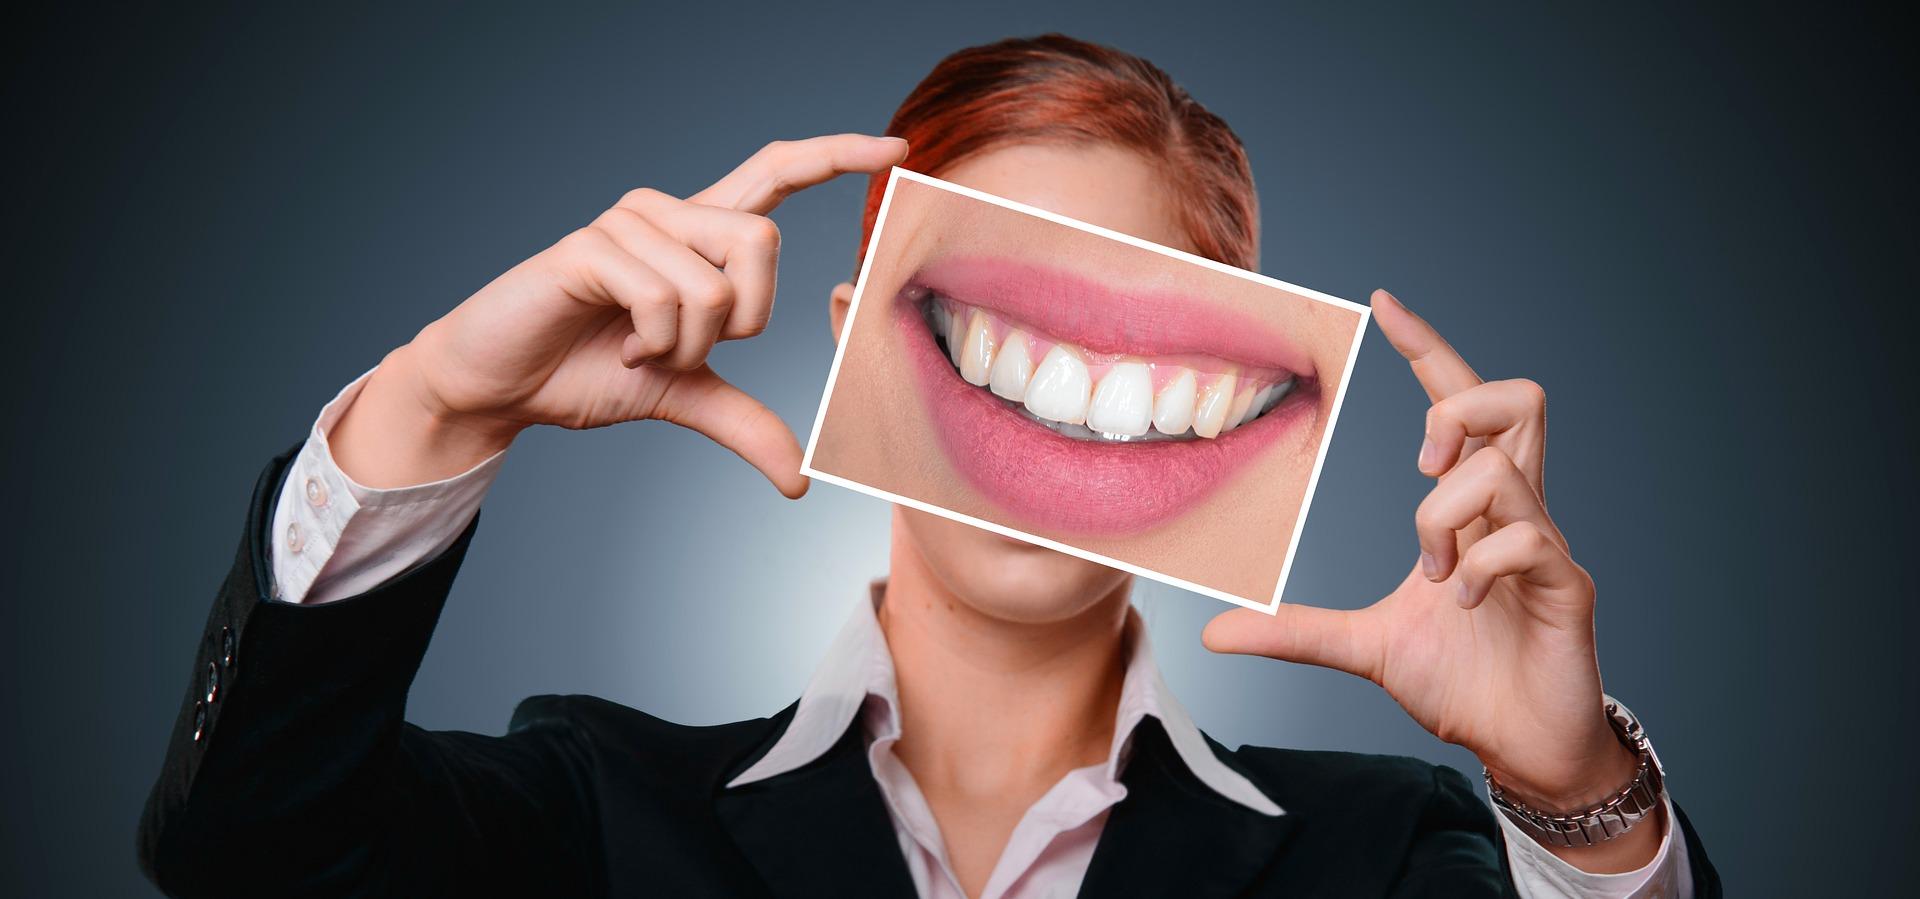 Zahnarzt - Zähne